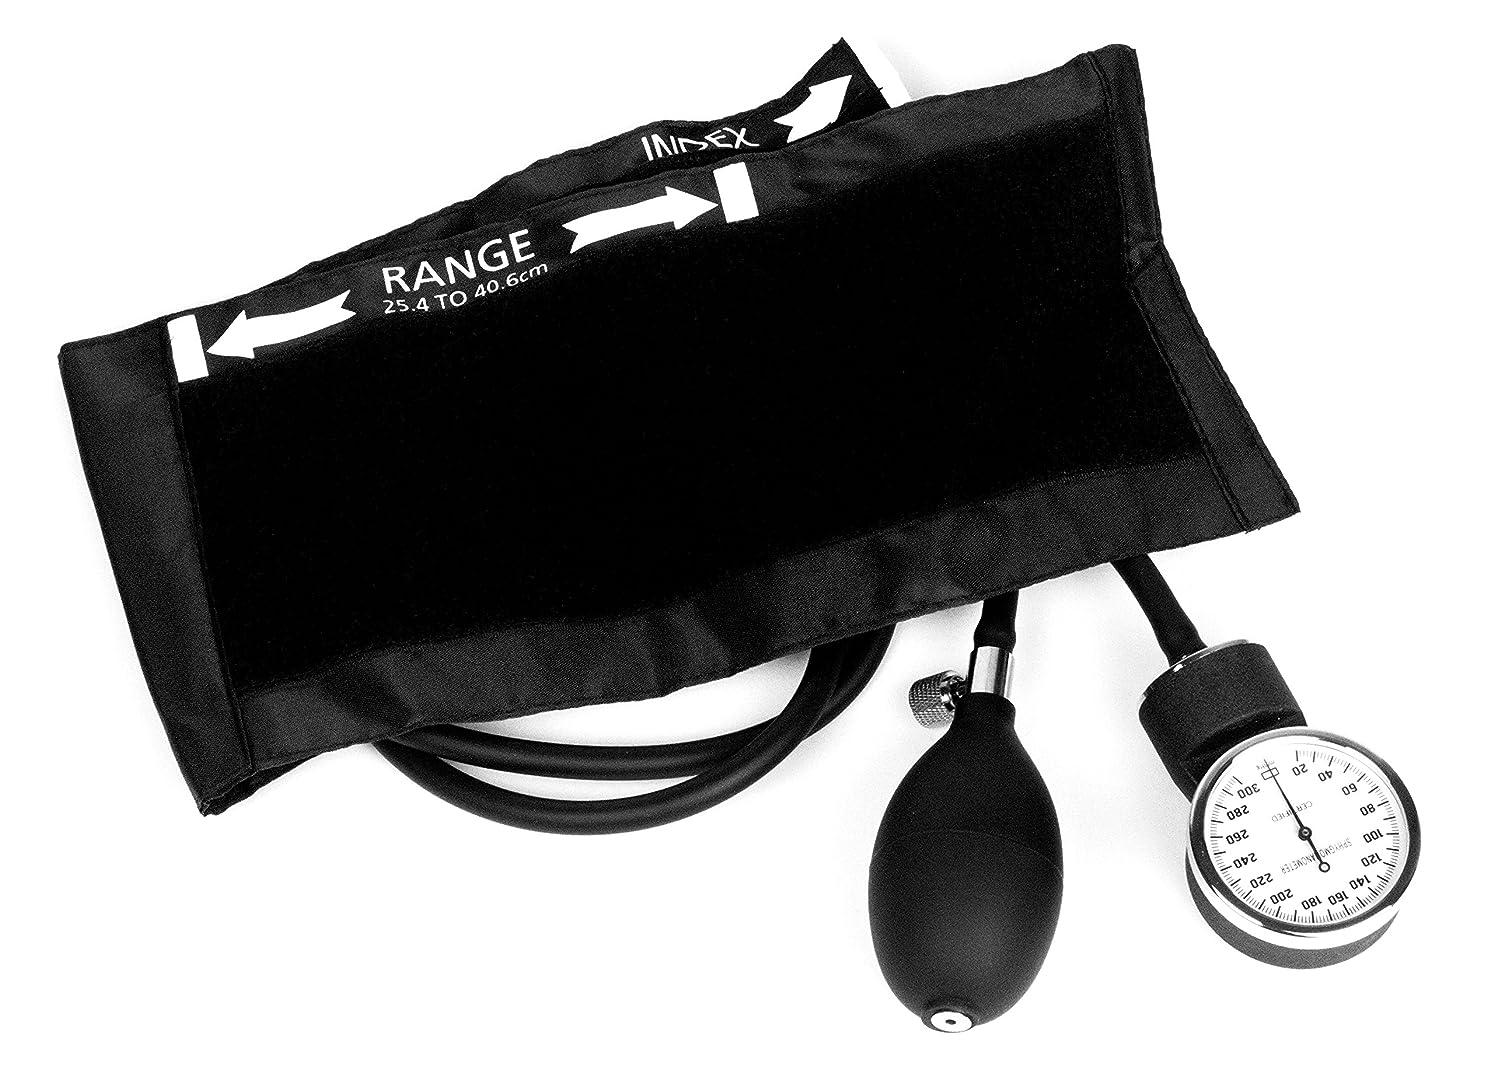 好みチェスをするカウンタDixie Ems Deluxe Aneroid Sphygmomanometer Blood Pressure Cuff, Black by Dixie Ems